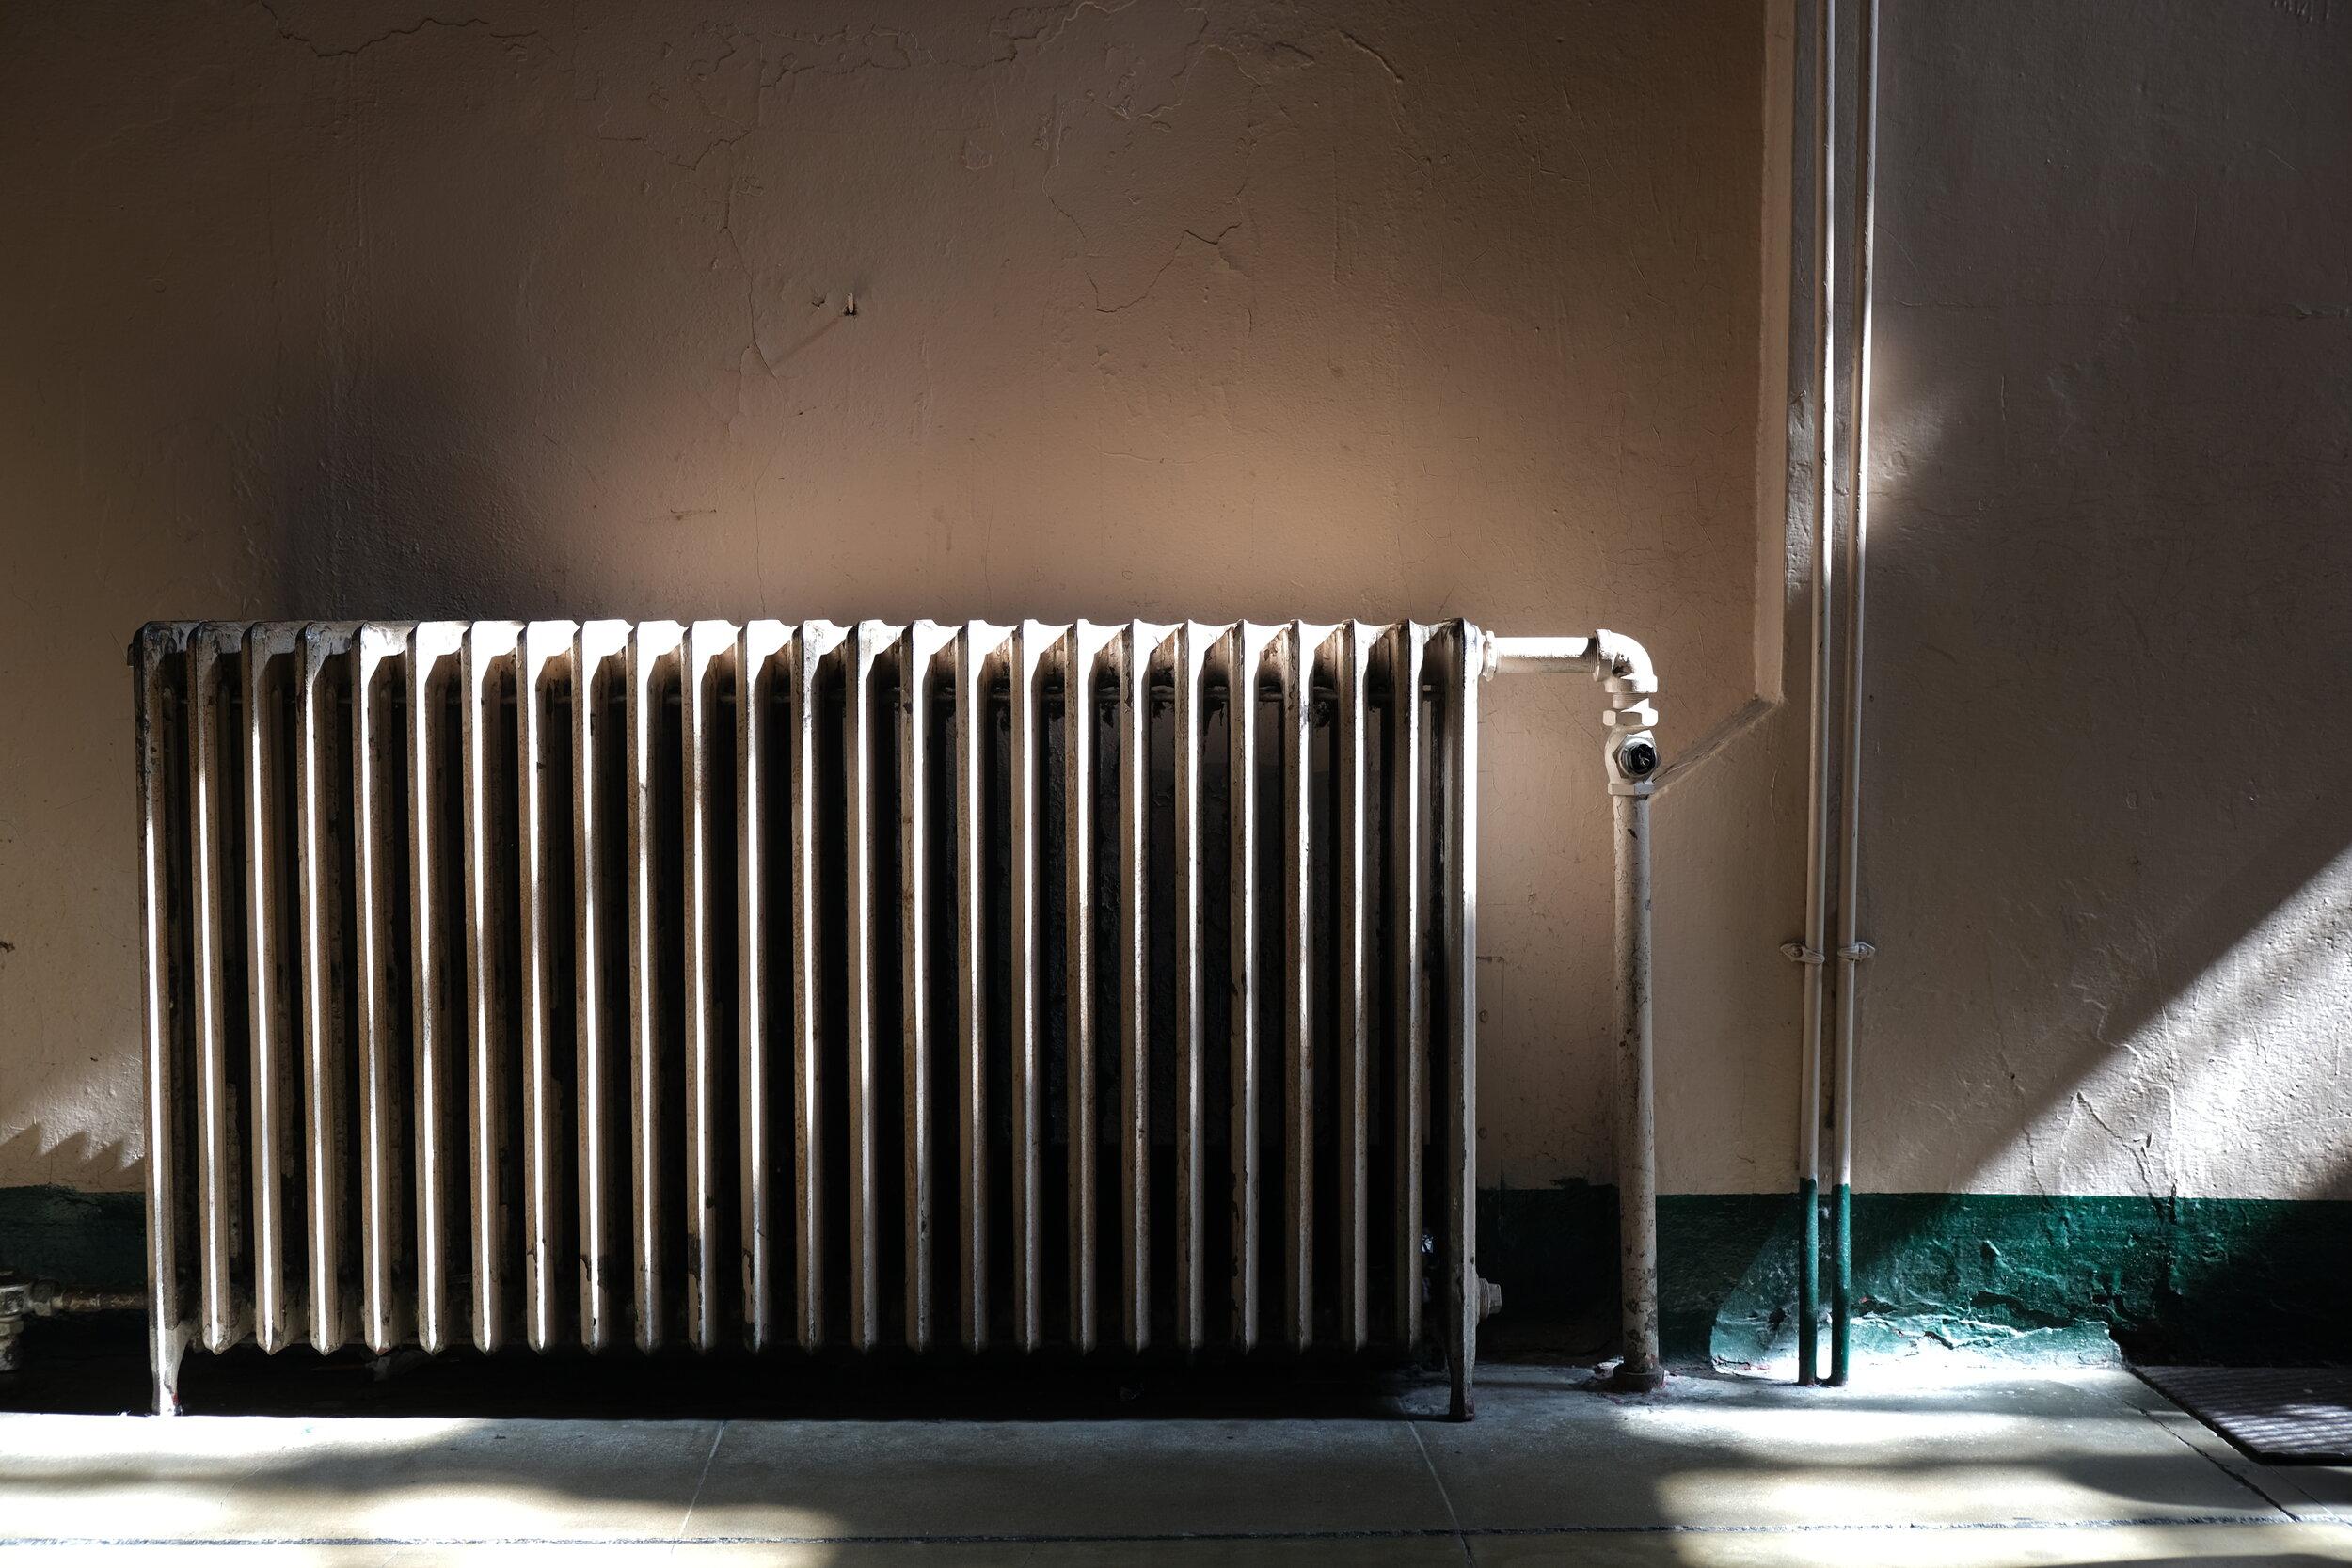 Even felons need radiators